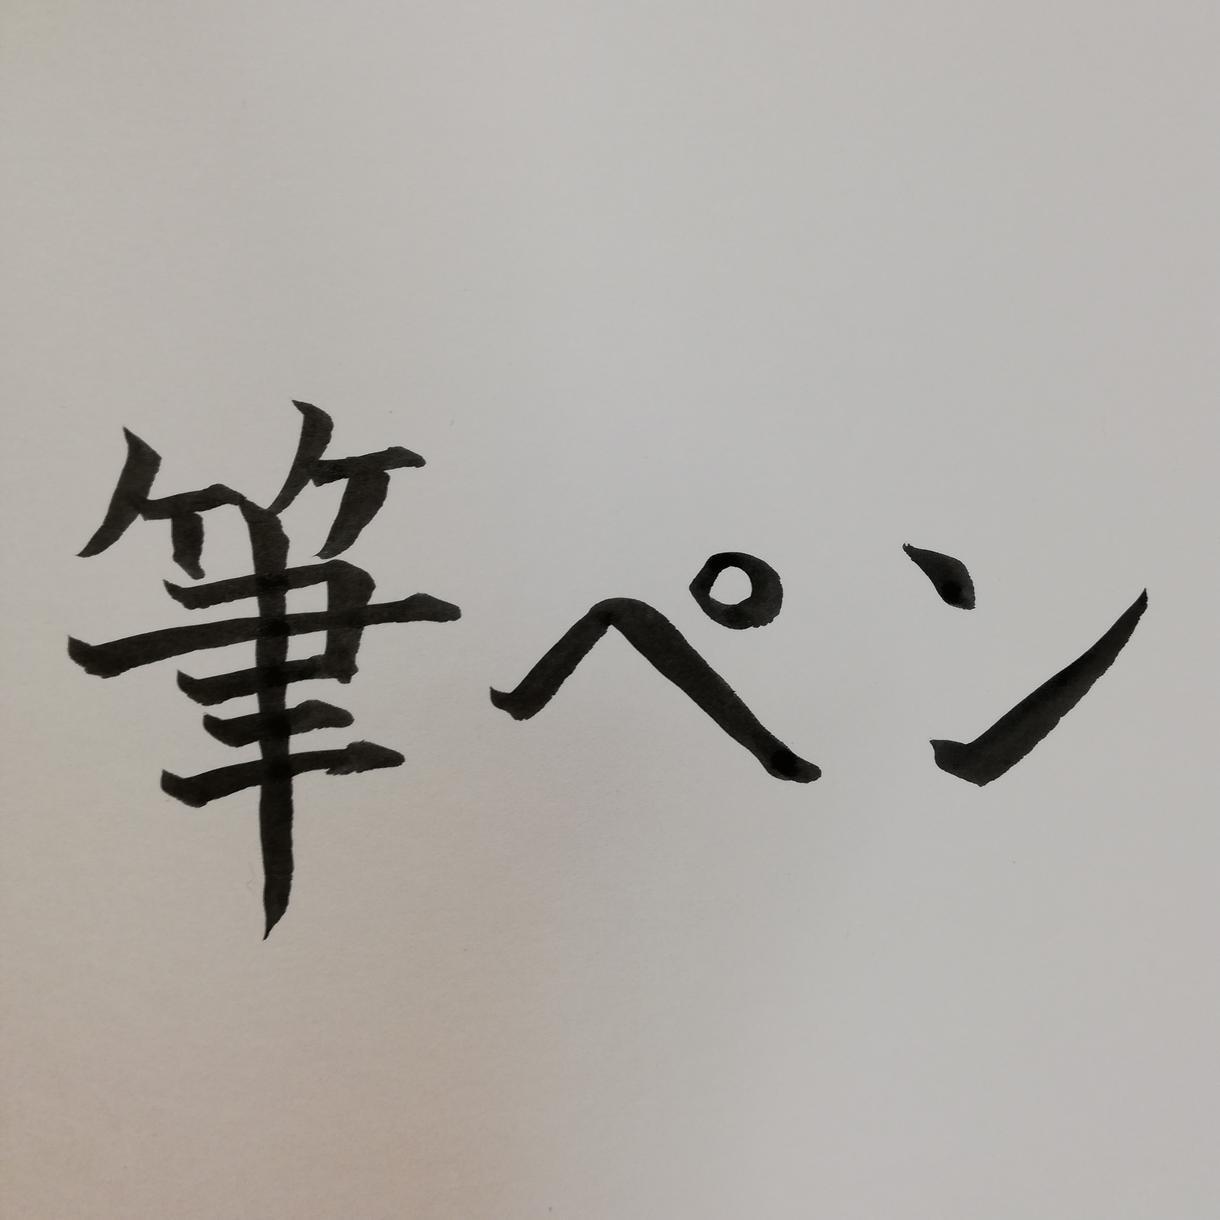 あなたの文字を添削致します 私の文字、どこを直せばきれいになるの?を解決!